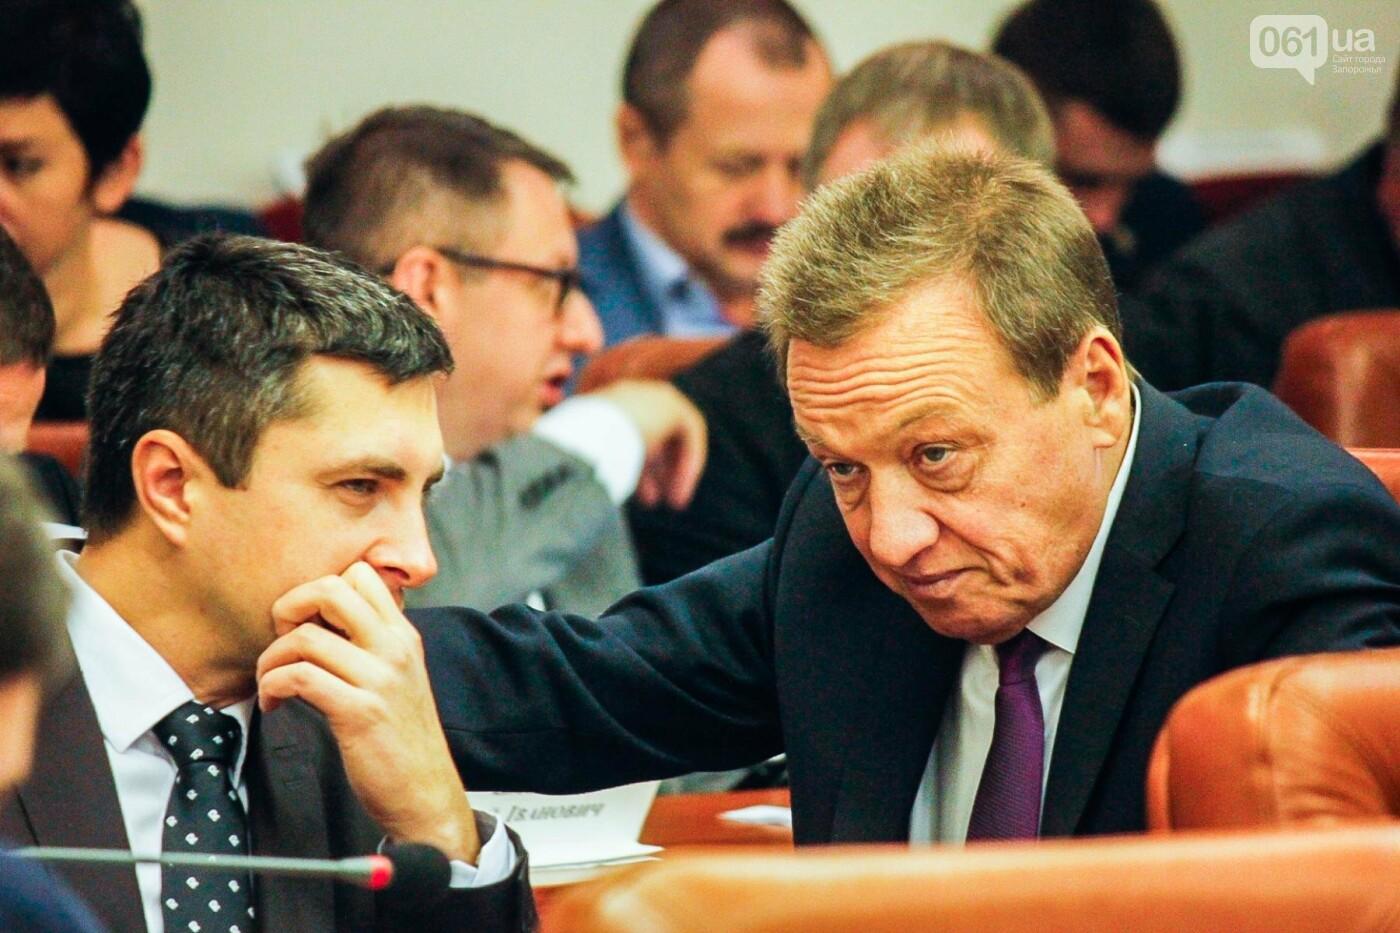 Сессия запорожского горсовета в лицах, - ФОТОРЕПОРТАЖ, фото-48